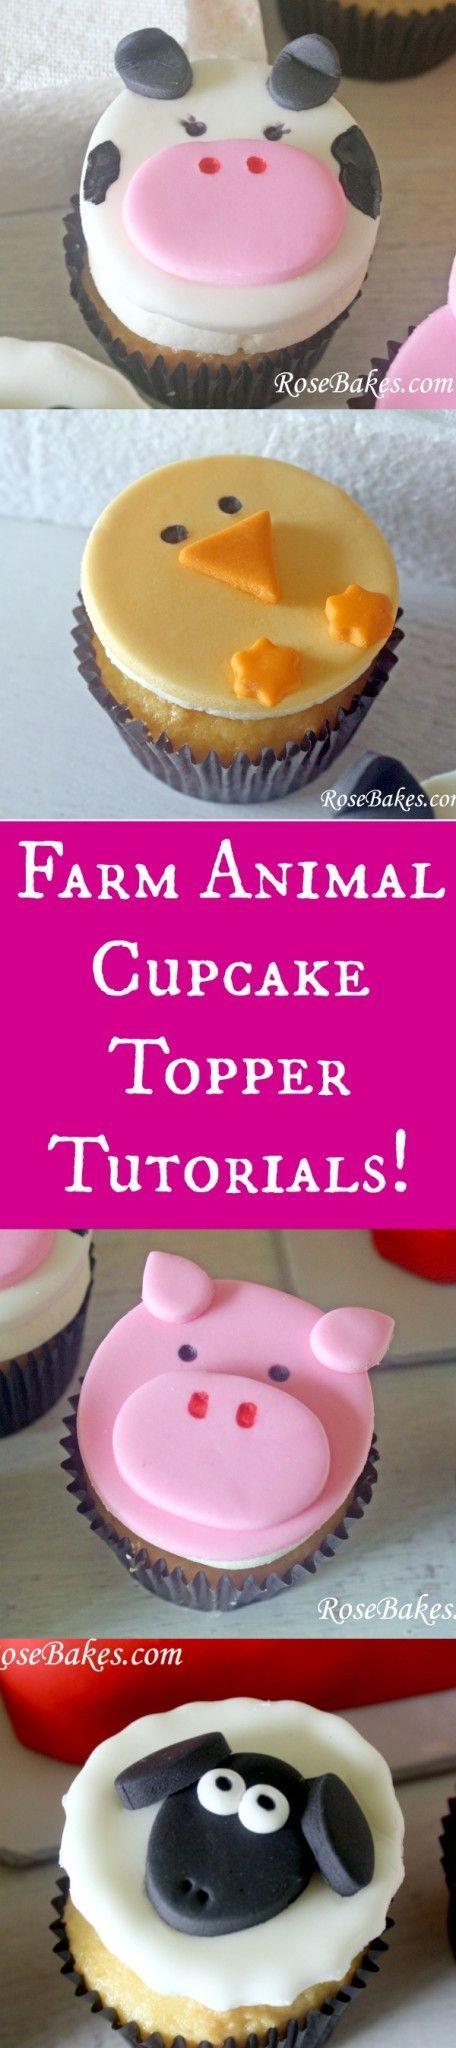 Farm Animals Cupcake Toppers Tutorials | RoseBakes.com